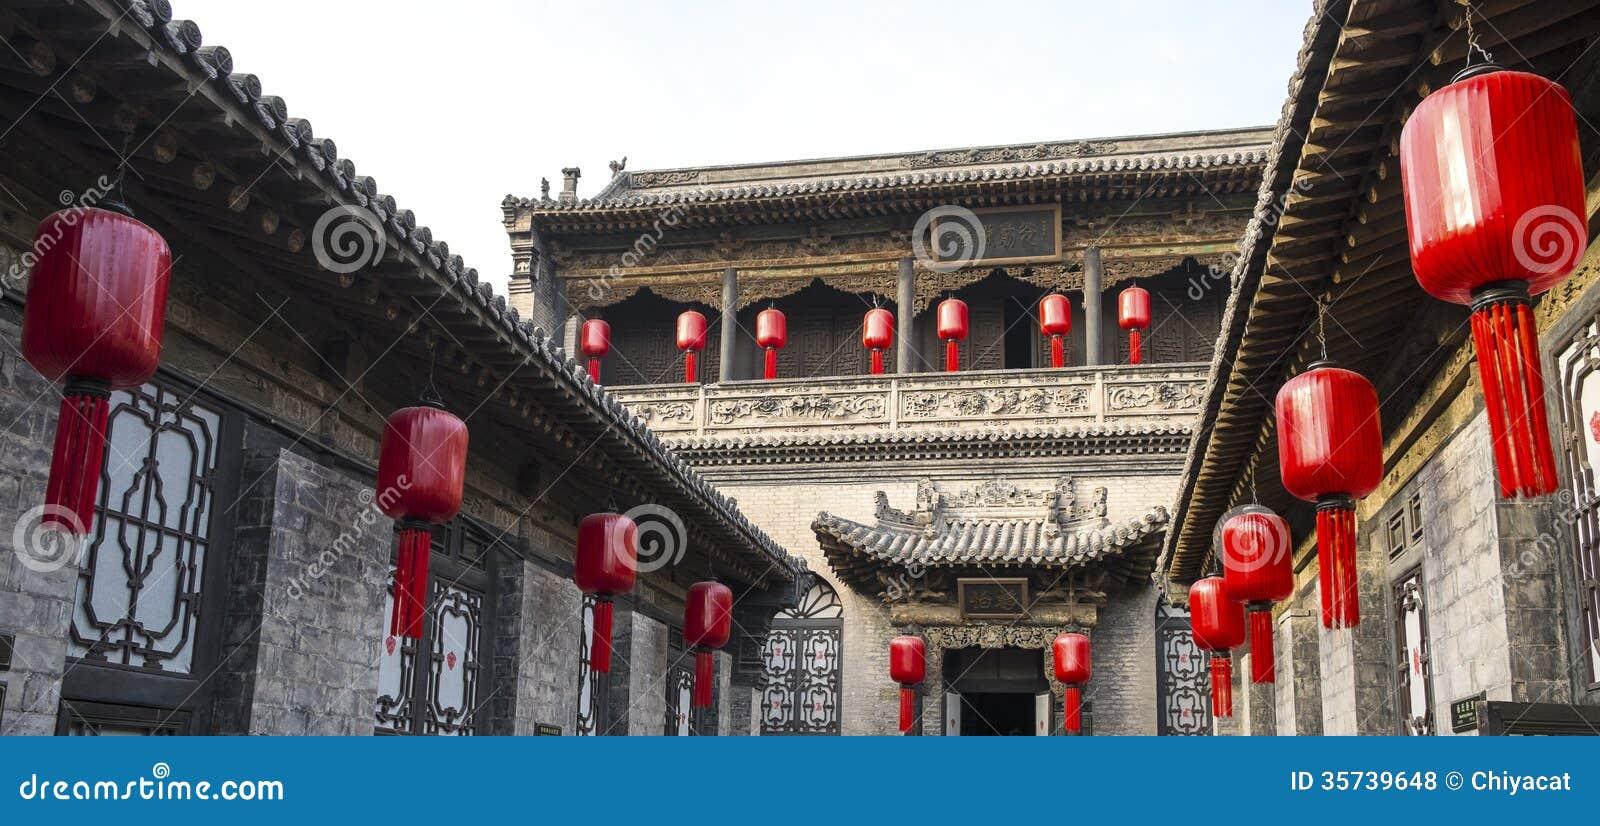 乔家大院在平遥中国#4